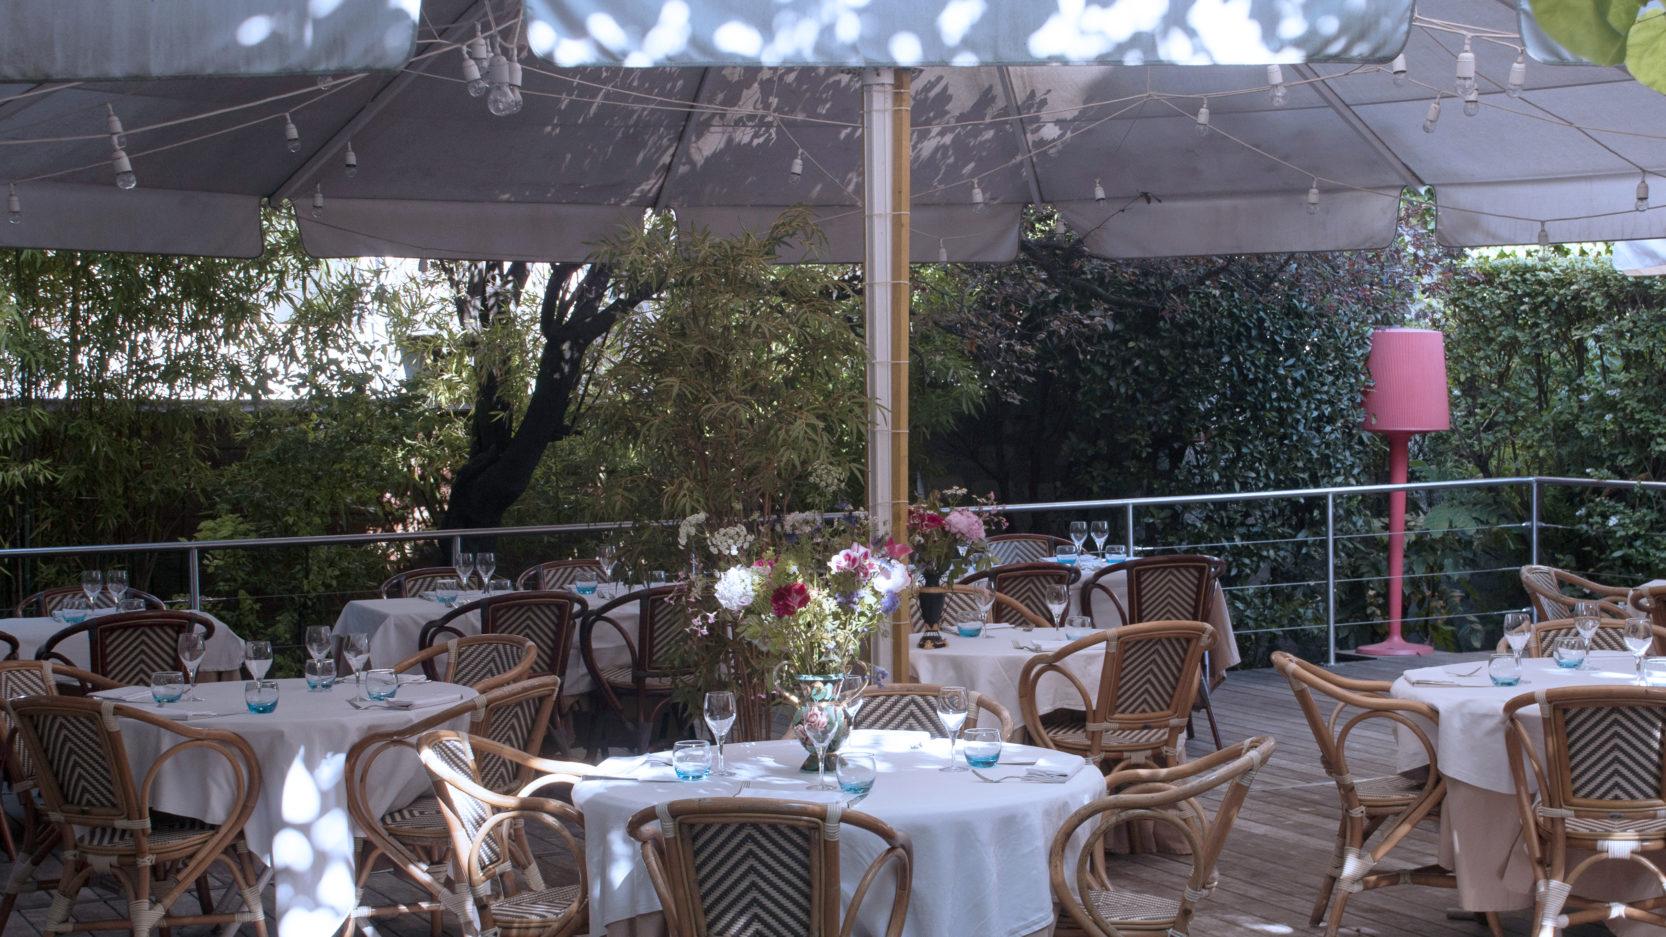 Villa9Trois Restaurant Montreuil Jardin Terrasse